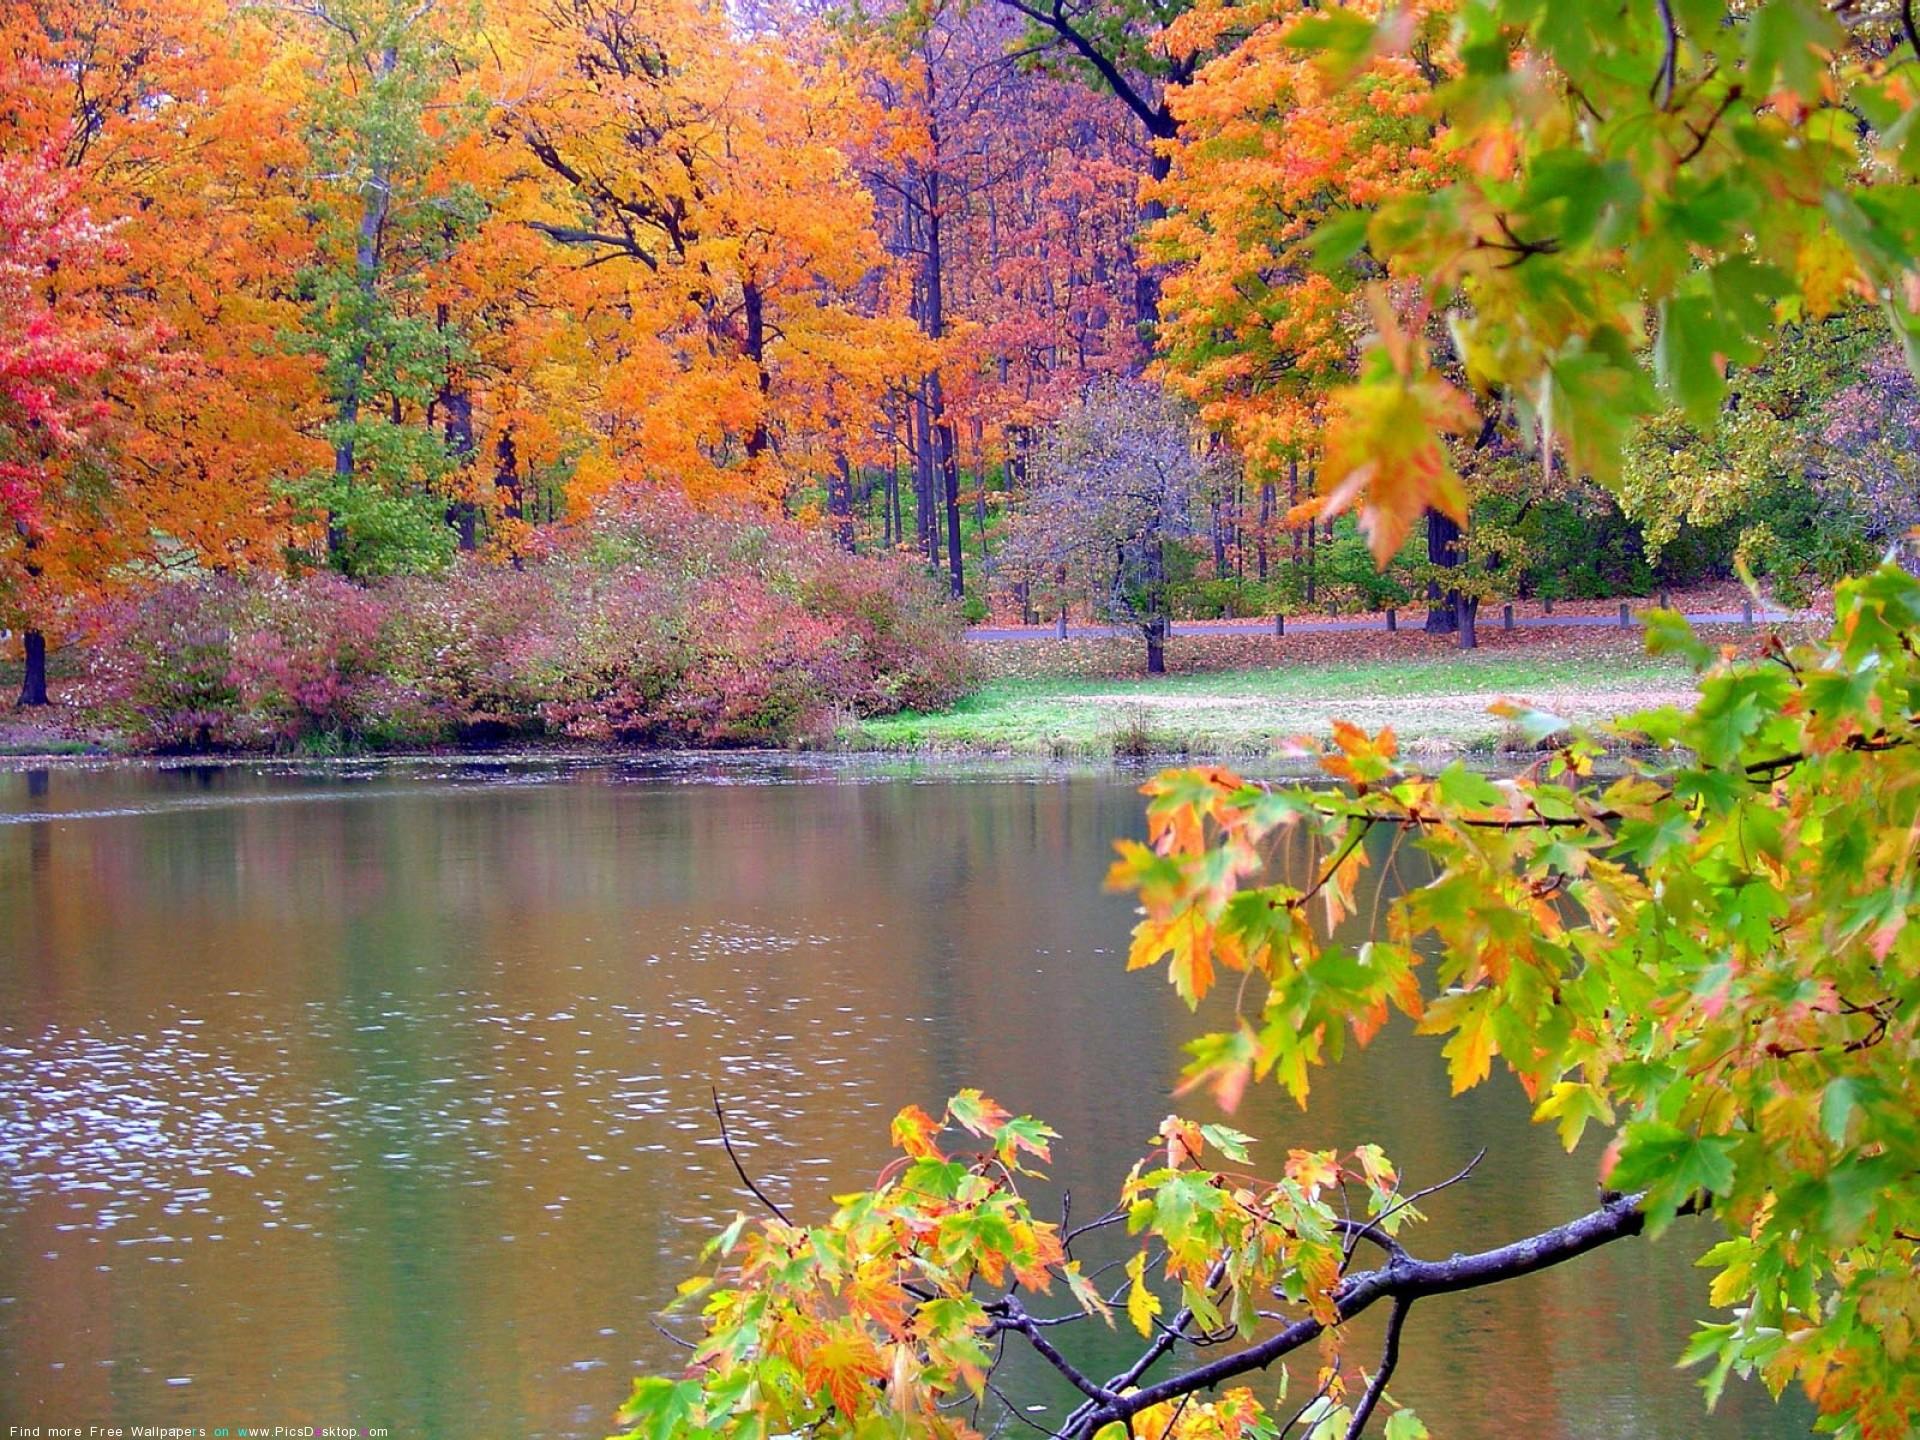 Fall Foliage Wallpaper 1920x1080 Autumn Wallpaper For Desktop 183 ①